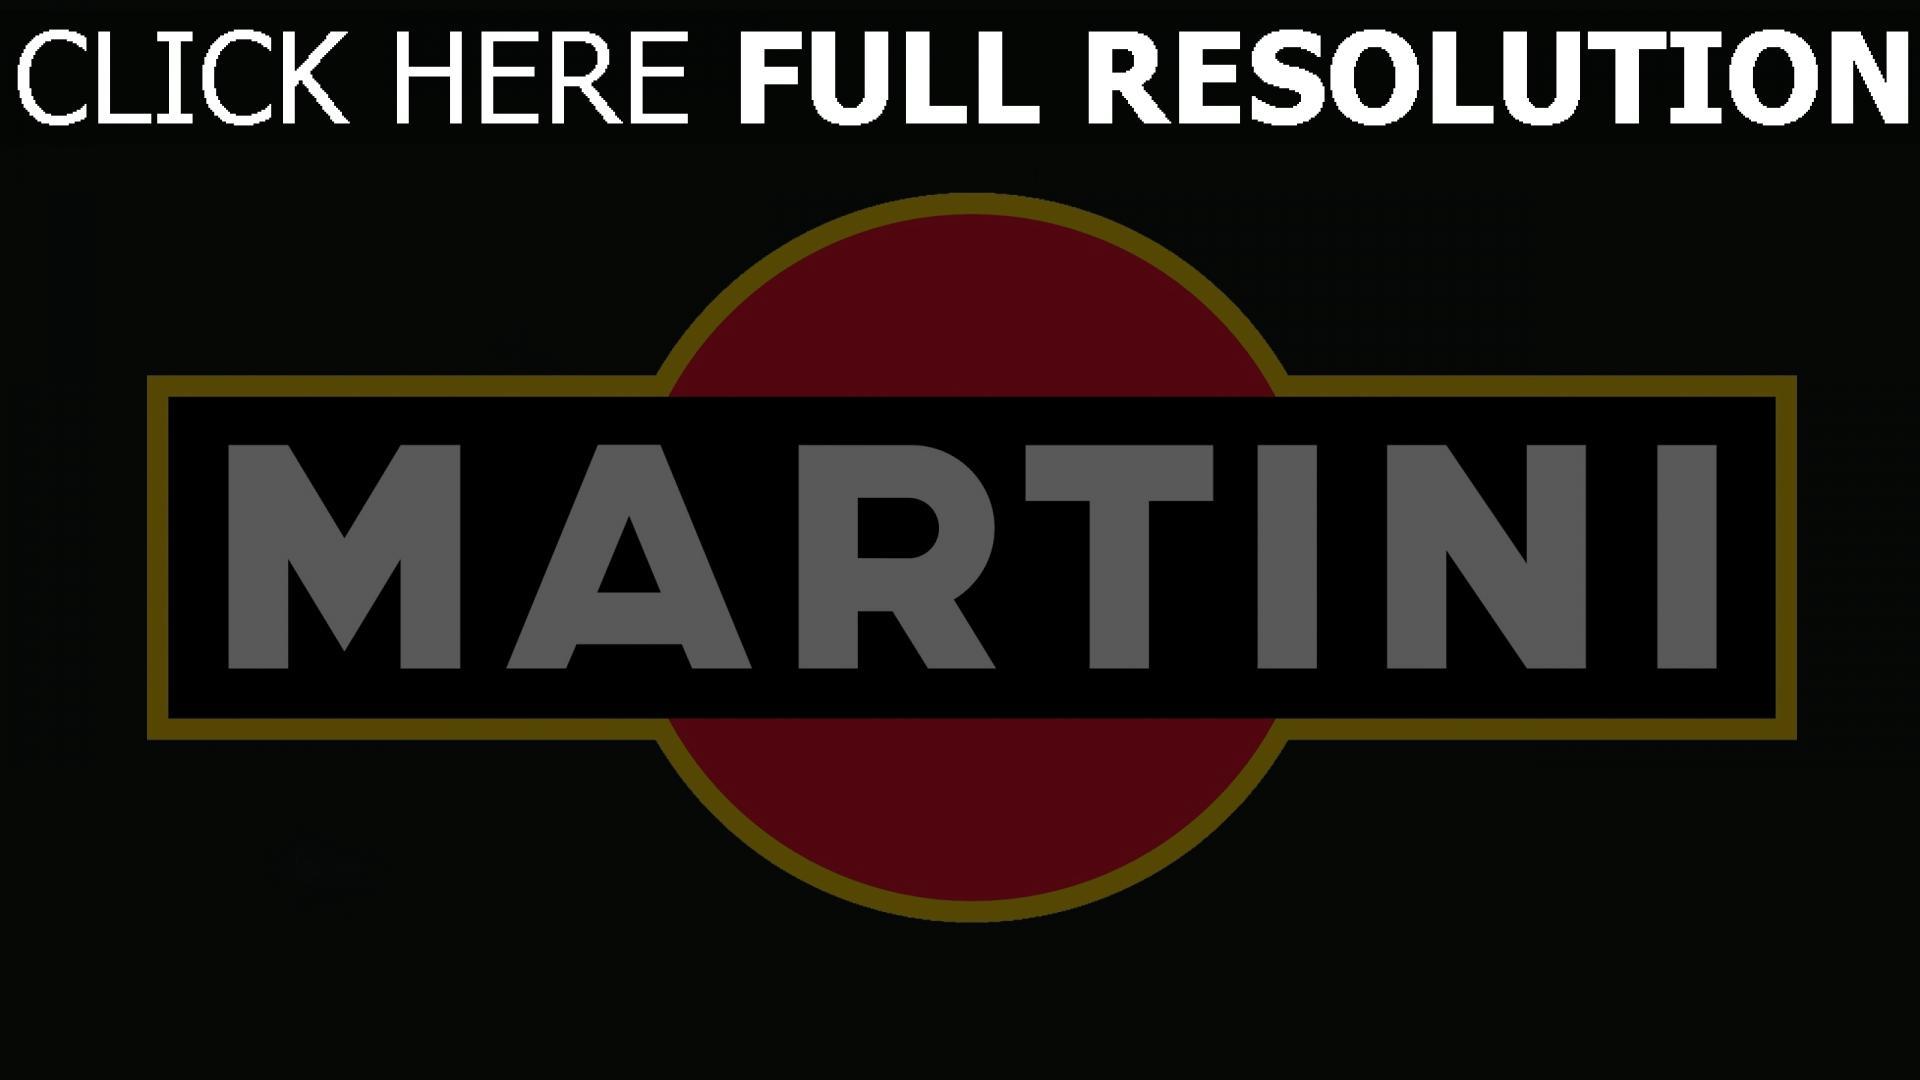 fond d'écran 1920x1080 martini inscription foncé arrière-plan